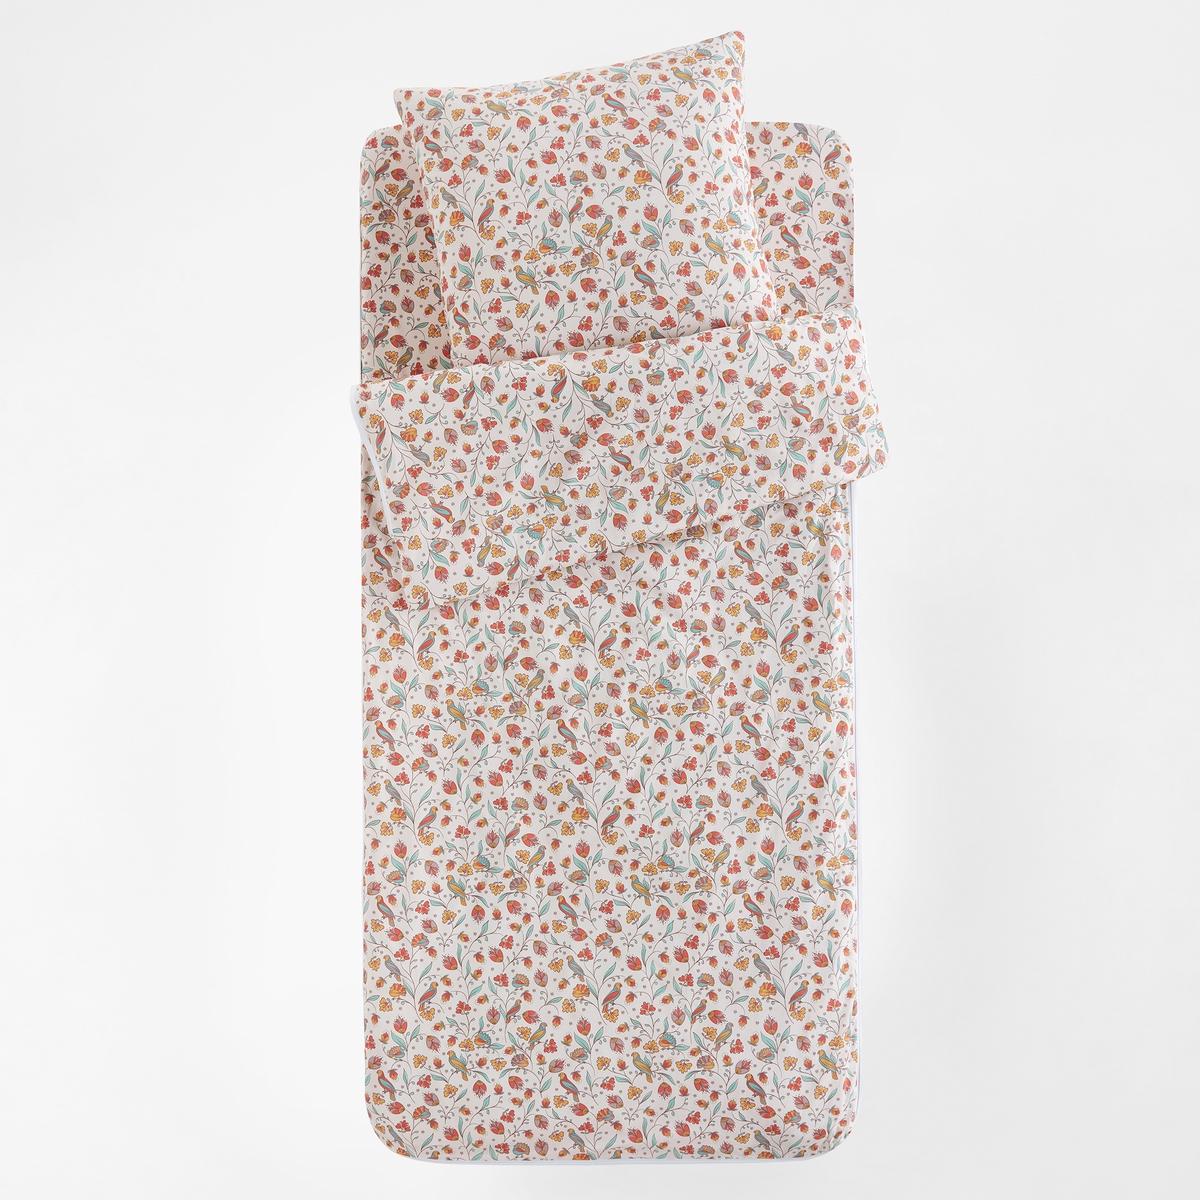 Постельный La Redoute Набор без одеяла Bertille 90 x 140 см розовый простыня la redoute натяжная с рисунком ninon 90 x 190 см розовый